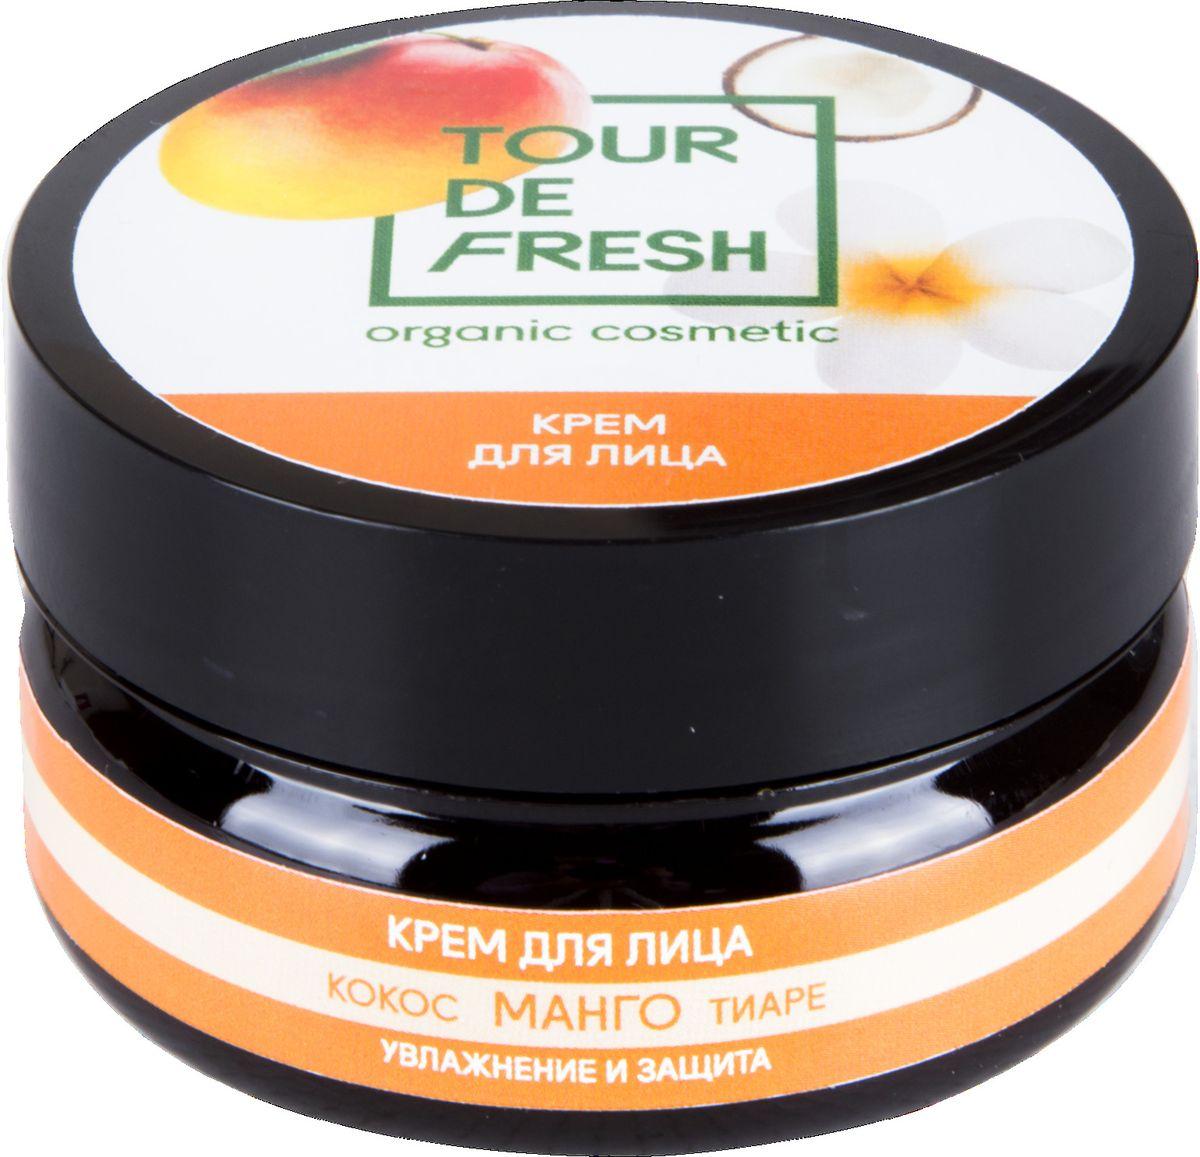 Tour De Fresh Крем для лица Манго, кокос и тиарэ, 60 млУФ000000035Крем увлажняет и насыщает кожу ценными компонентами. Быстро впитывается, оставляя матовое сияние. Экстракт манго глубоко питает кожу, предупреждая увядание, сухость и шелушение. Кокосовое масло выступает как естественный барьер, защищающий чувствительную, тонкую кожу от ультрафиолета.